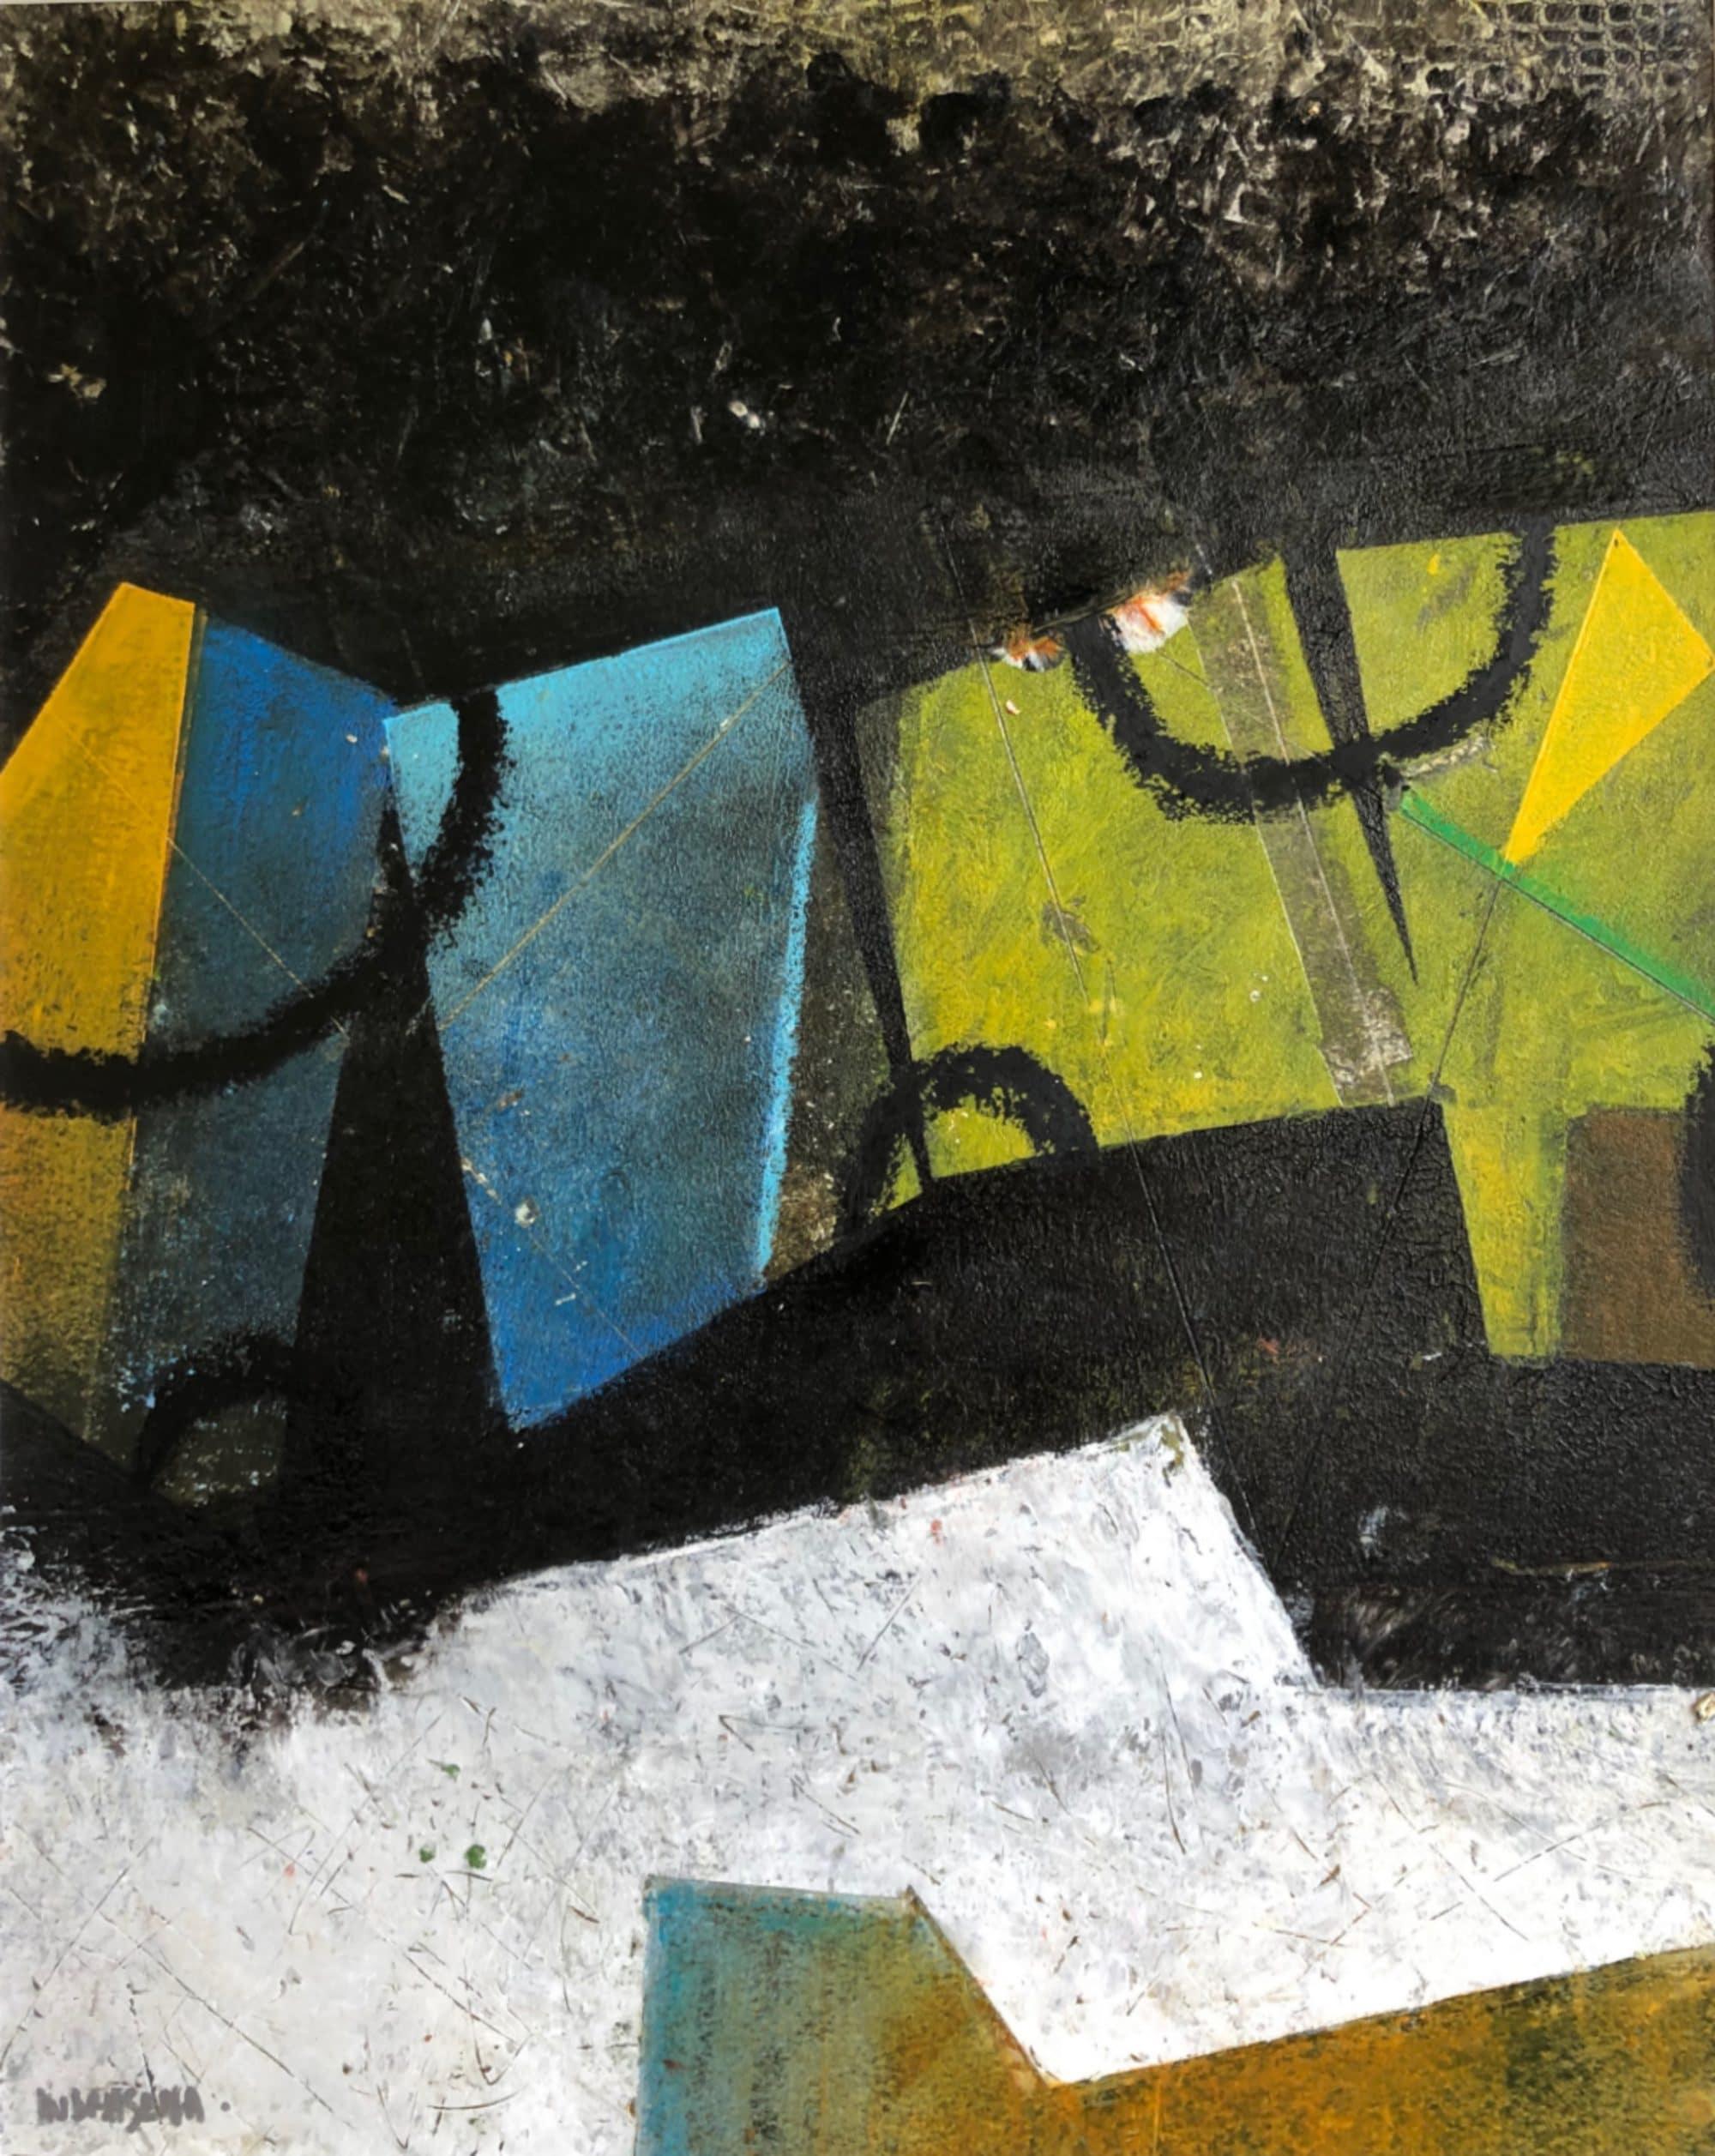 Leonore no. 1 40x50 cm oil and cold wax